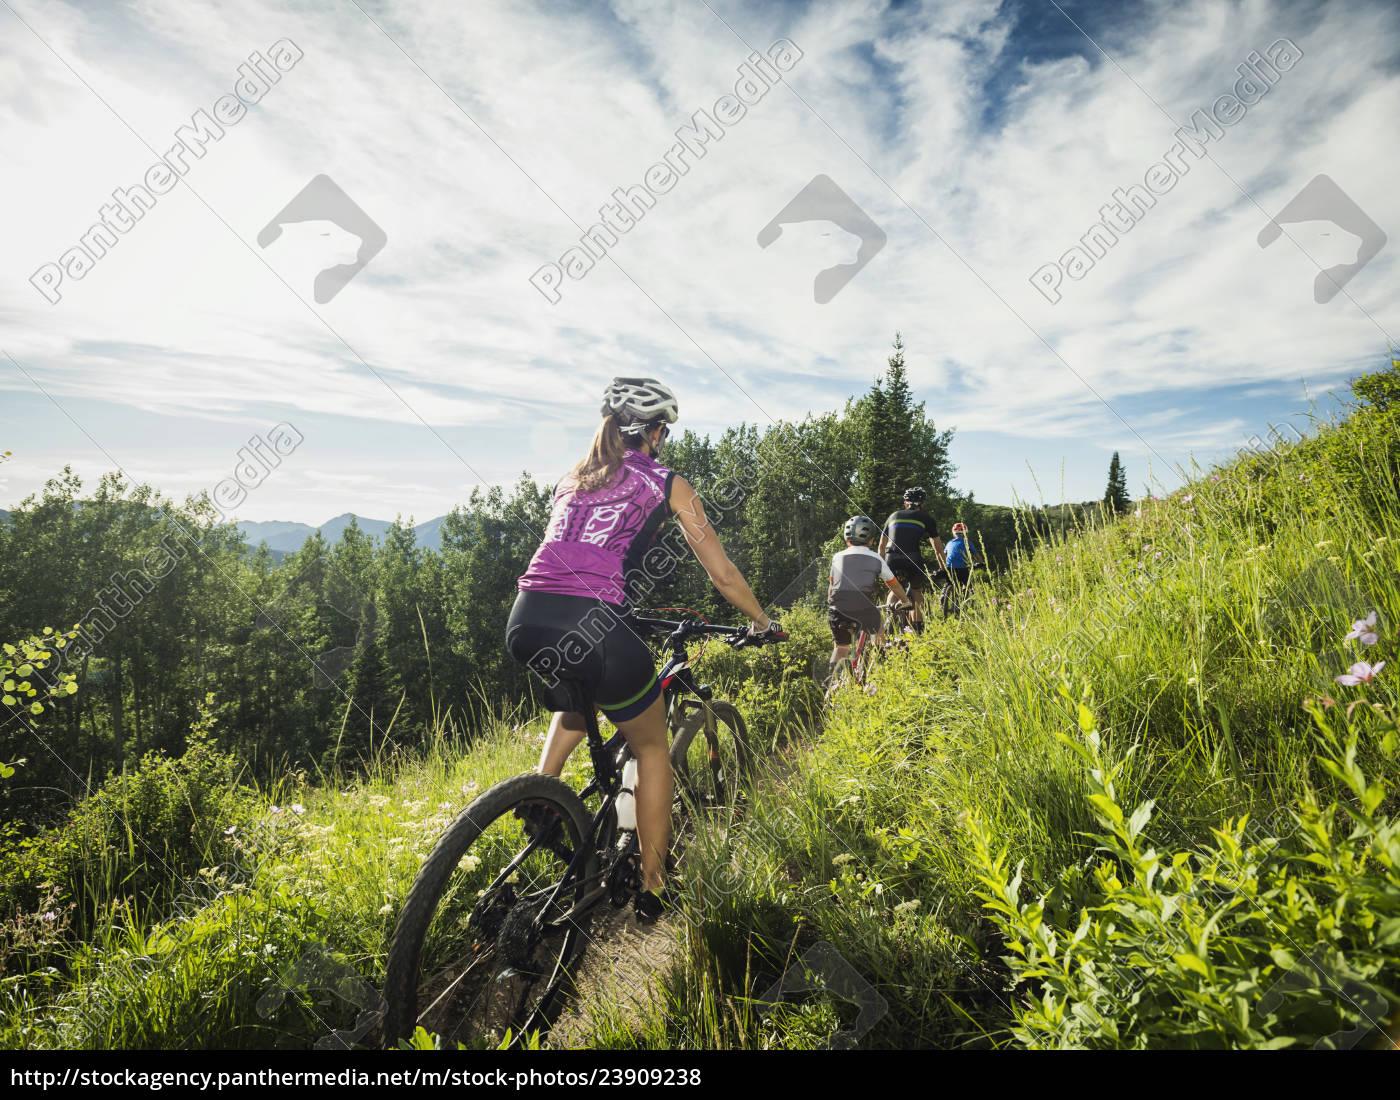 rodzina, z, dziećmi, (10-11, 12-13), na, rowerze - 23909238